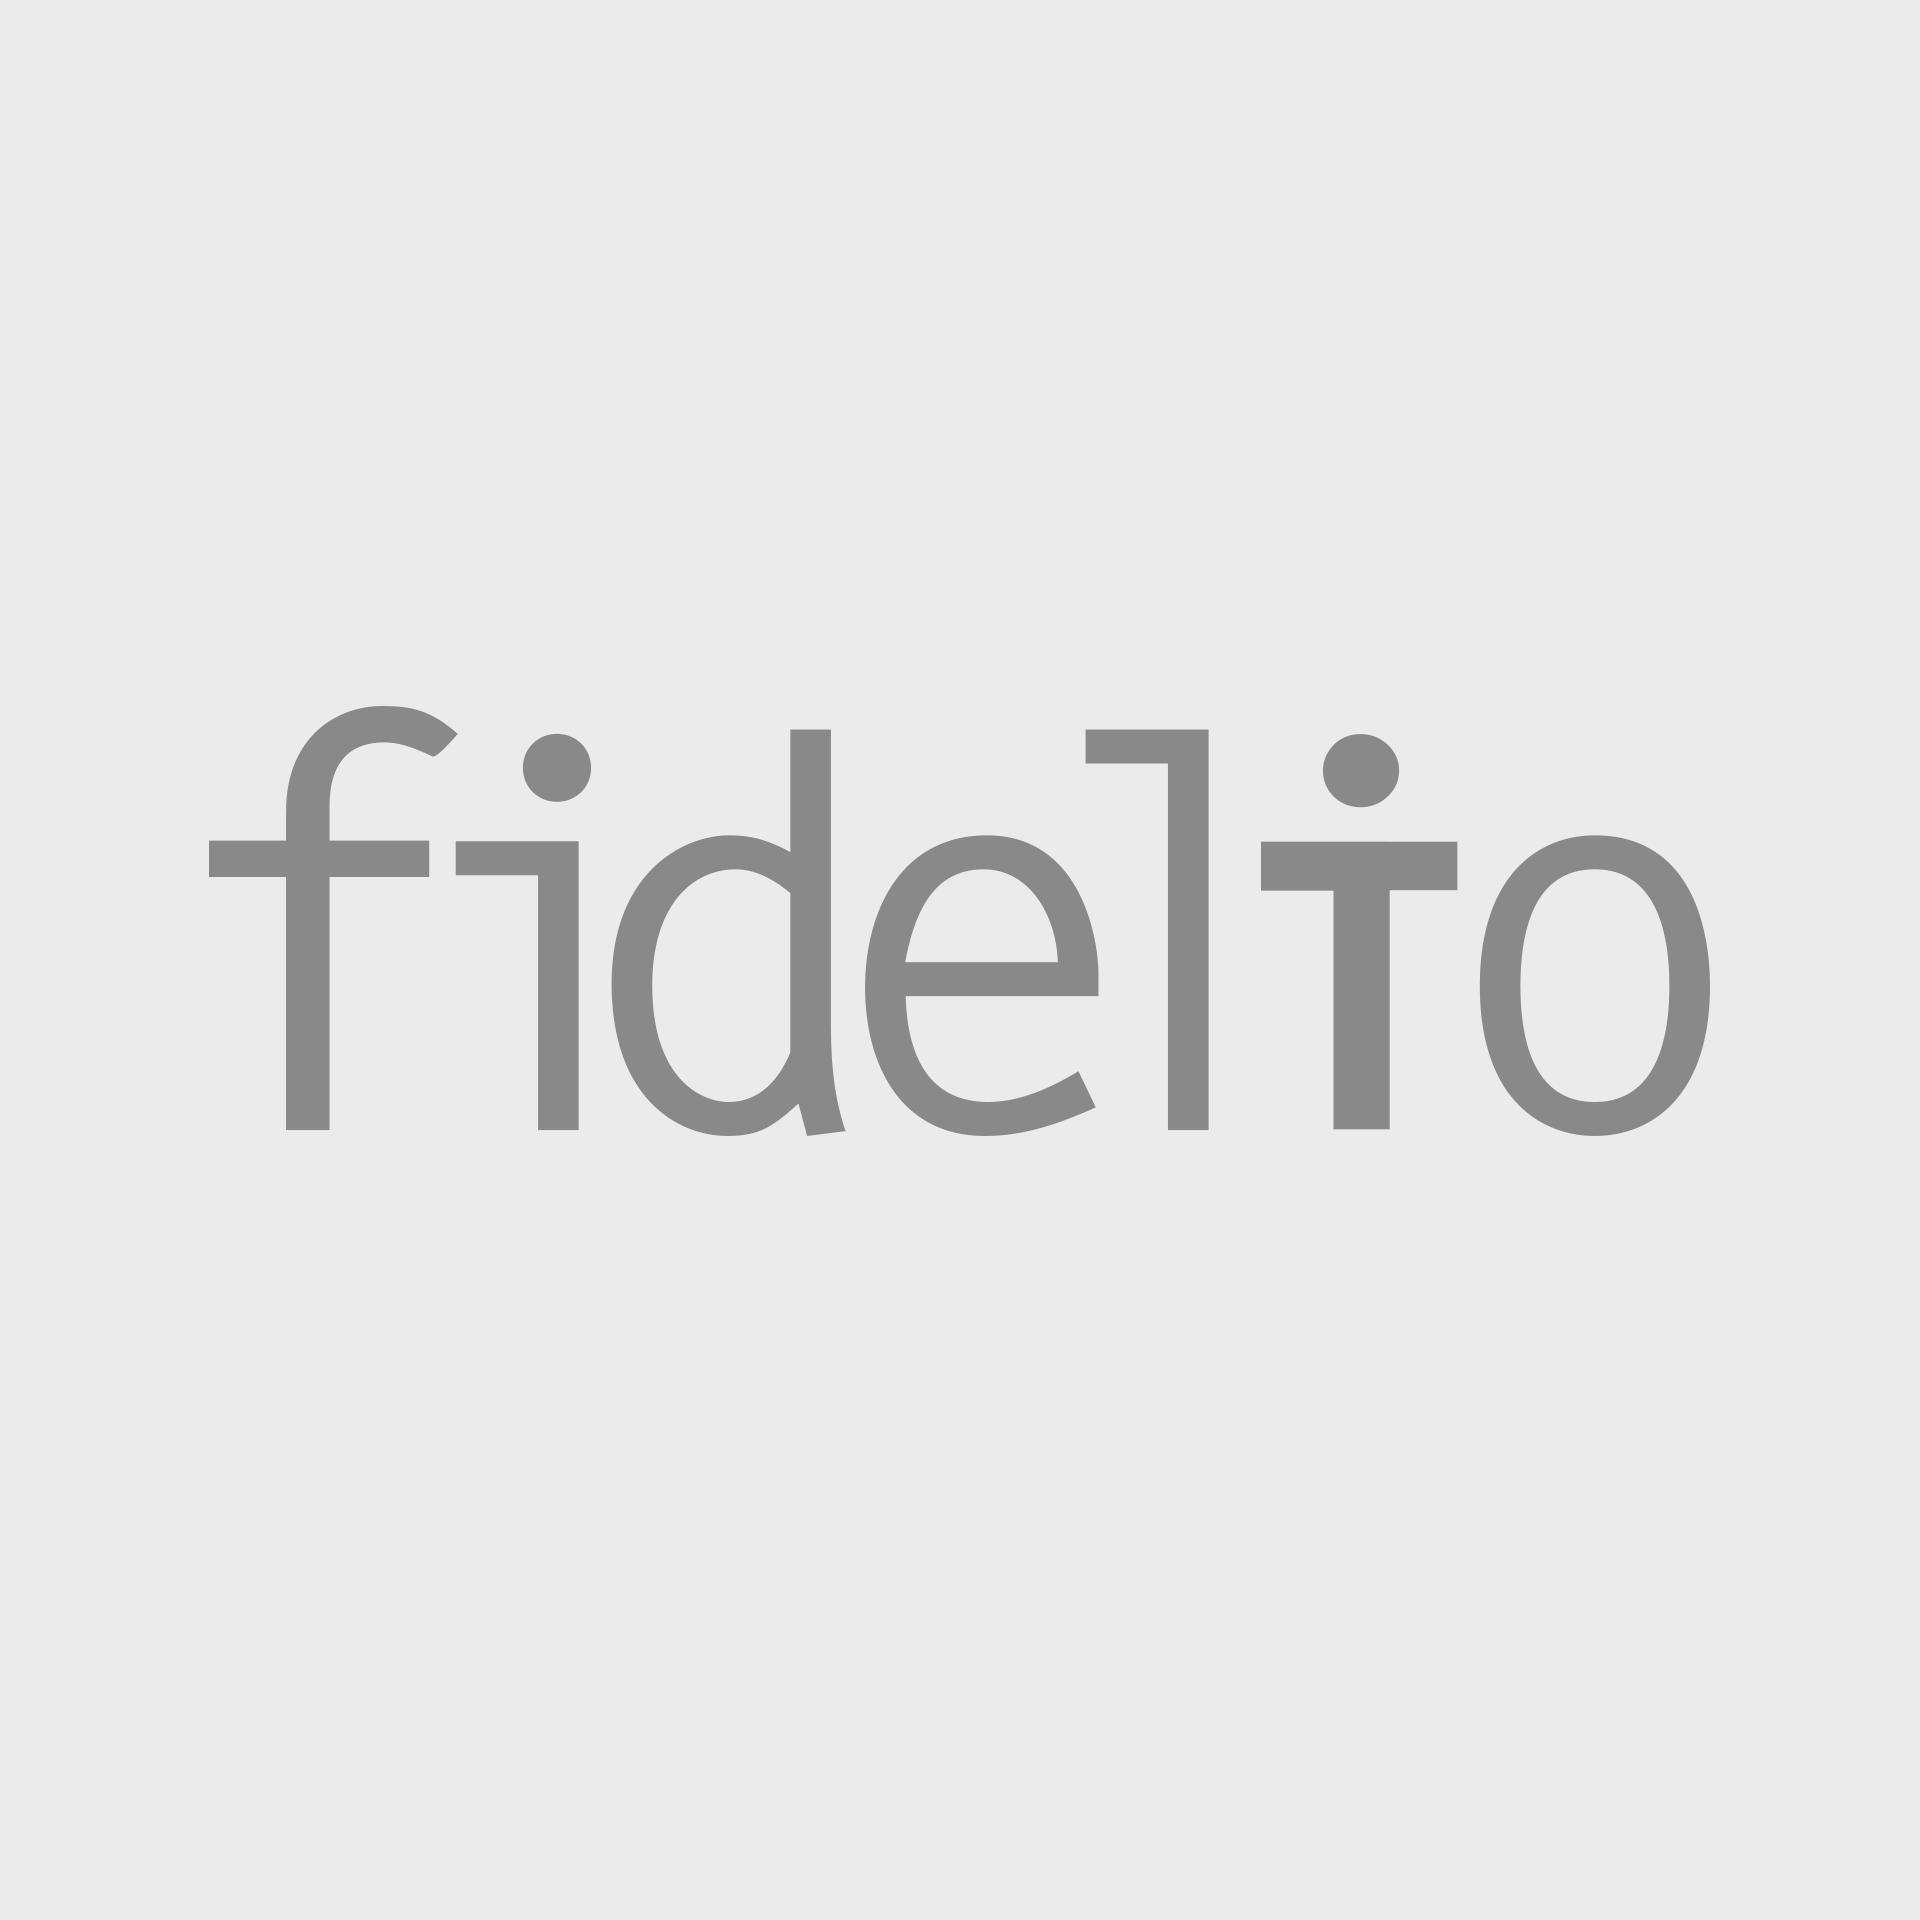 FDC7C4FA-58BF-451D-9D91-63AB960616E1